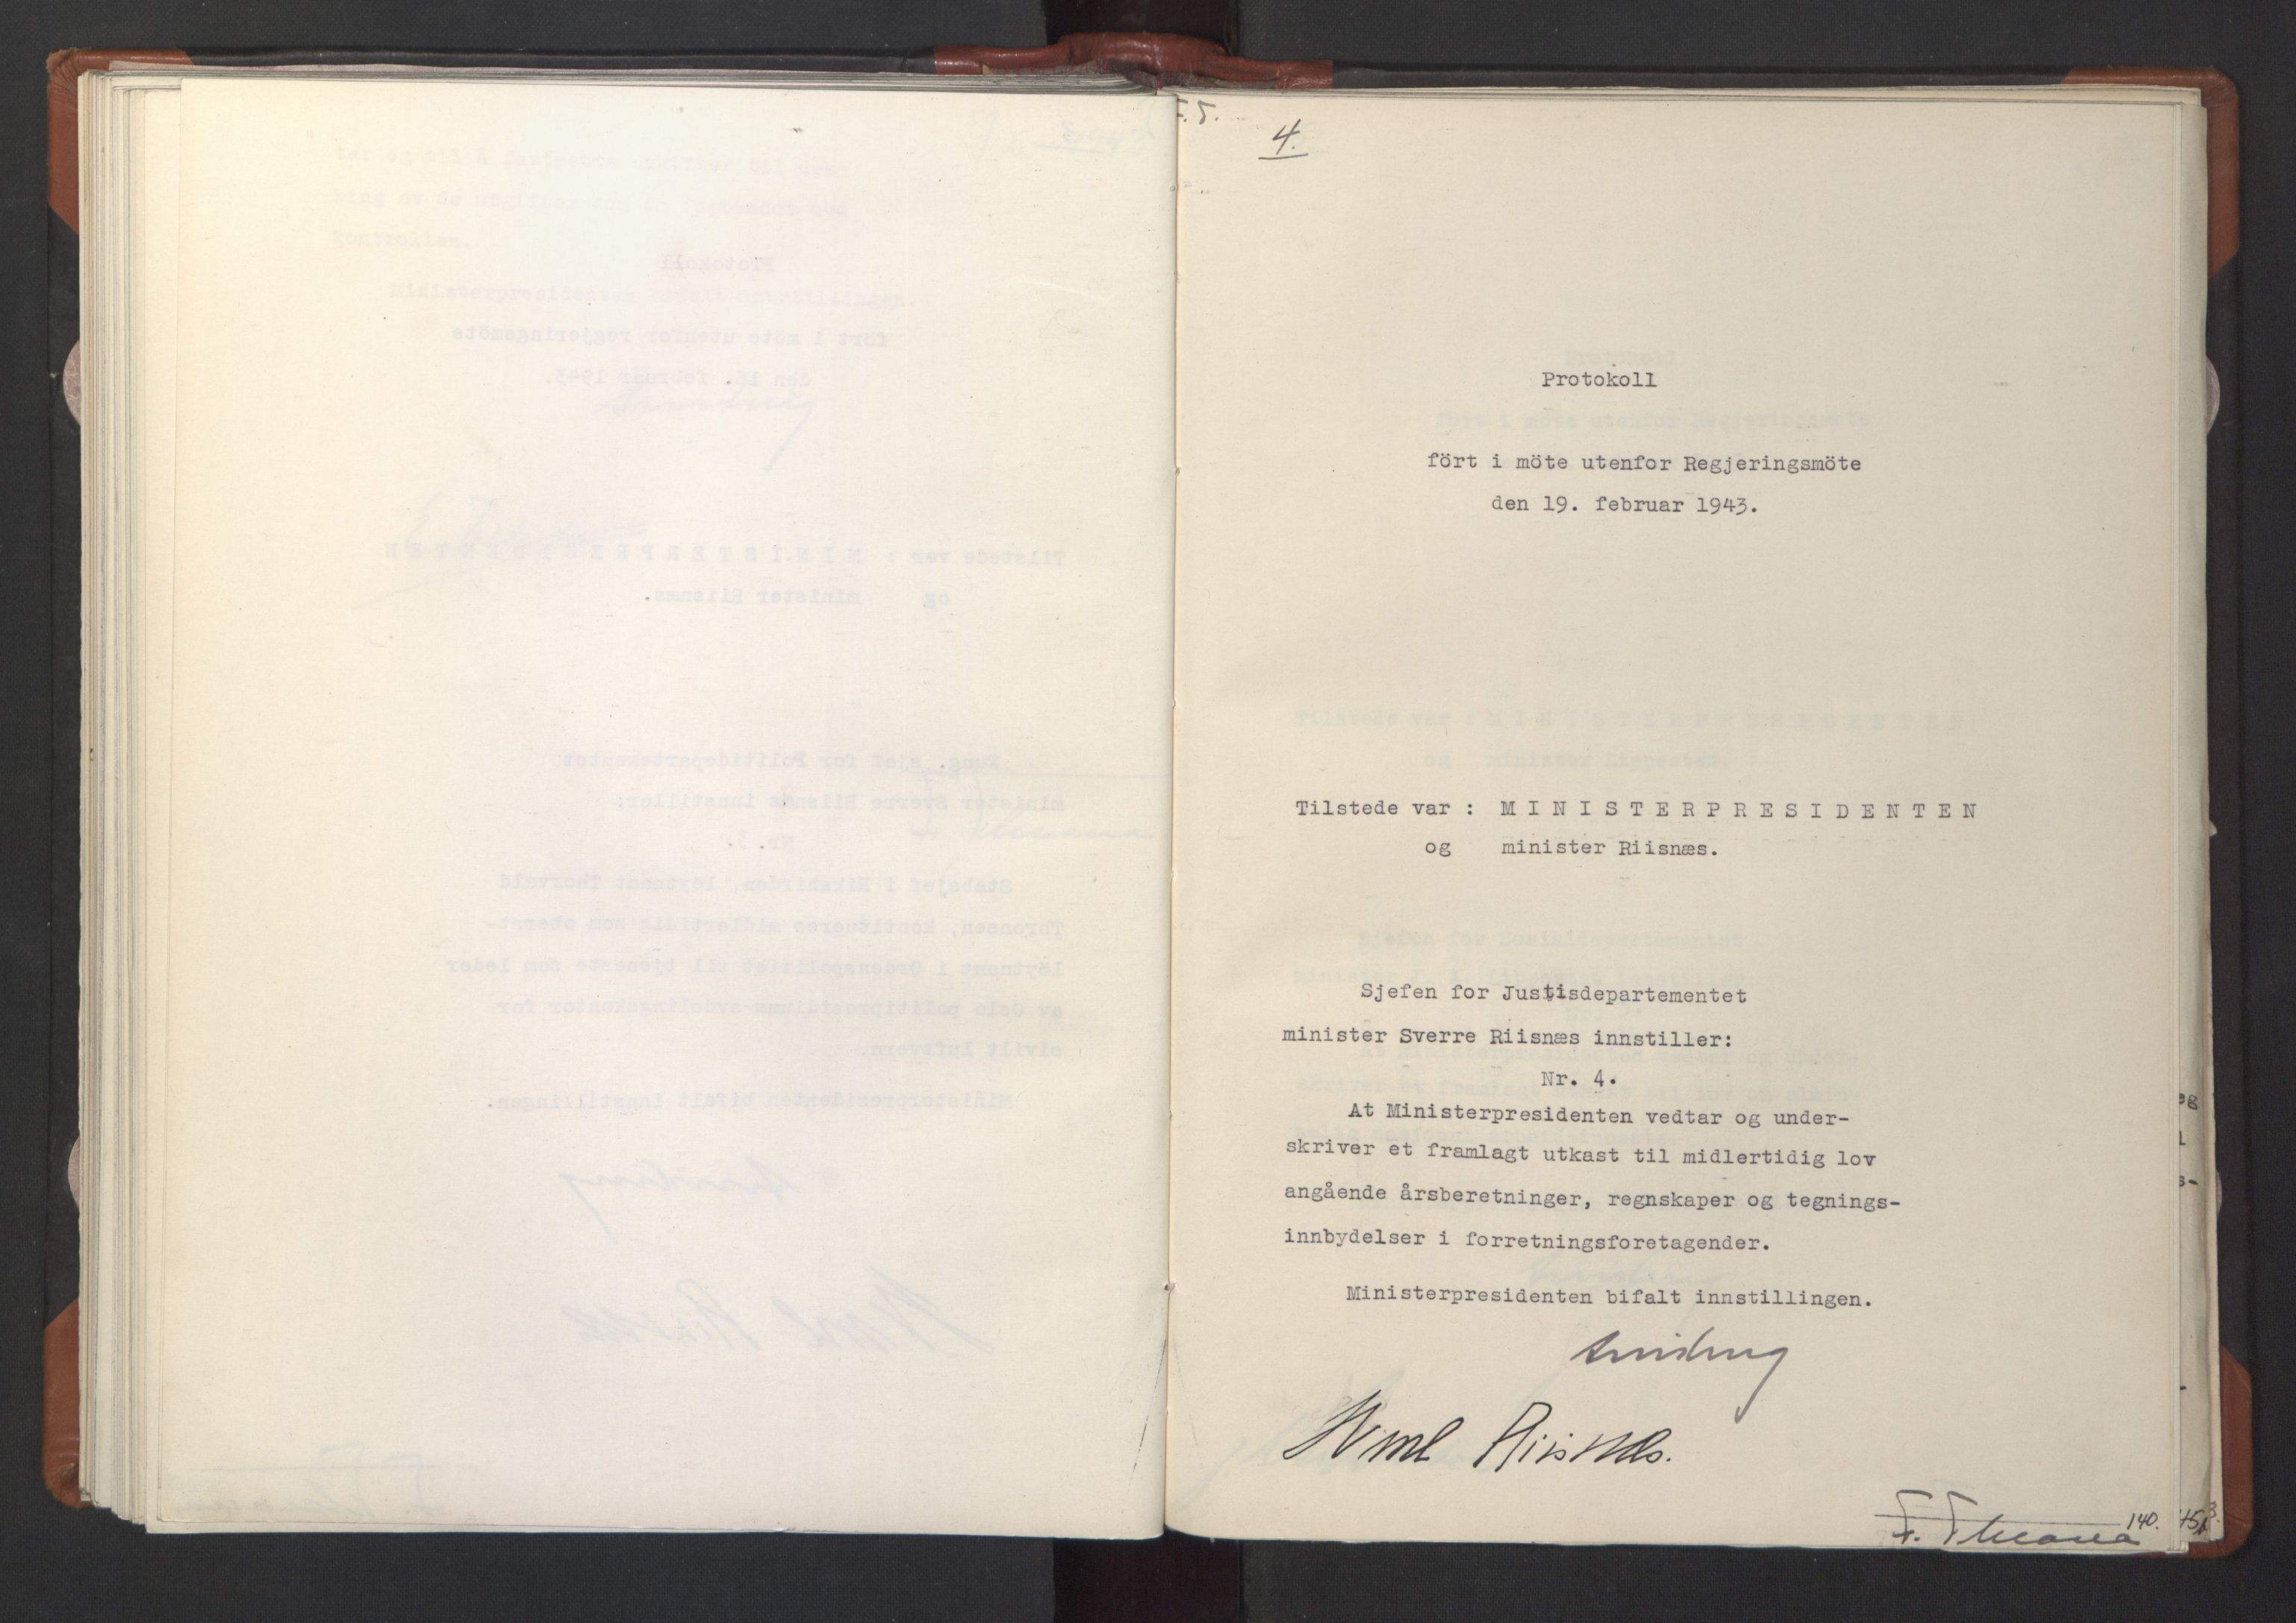 RA, NS-administrasjonen 1940-1945 (Statsrådsekretariatet, de kommisariske statsråder mm), D/Da/L0003: Vedtak (Beslutninger) nr. 1-746 og tillegg nr. 1-47 (RA. j.nr. 1394/1944, tilgangsnr. 8/1944, 1943, s. 139b-140a